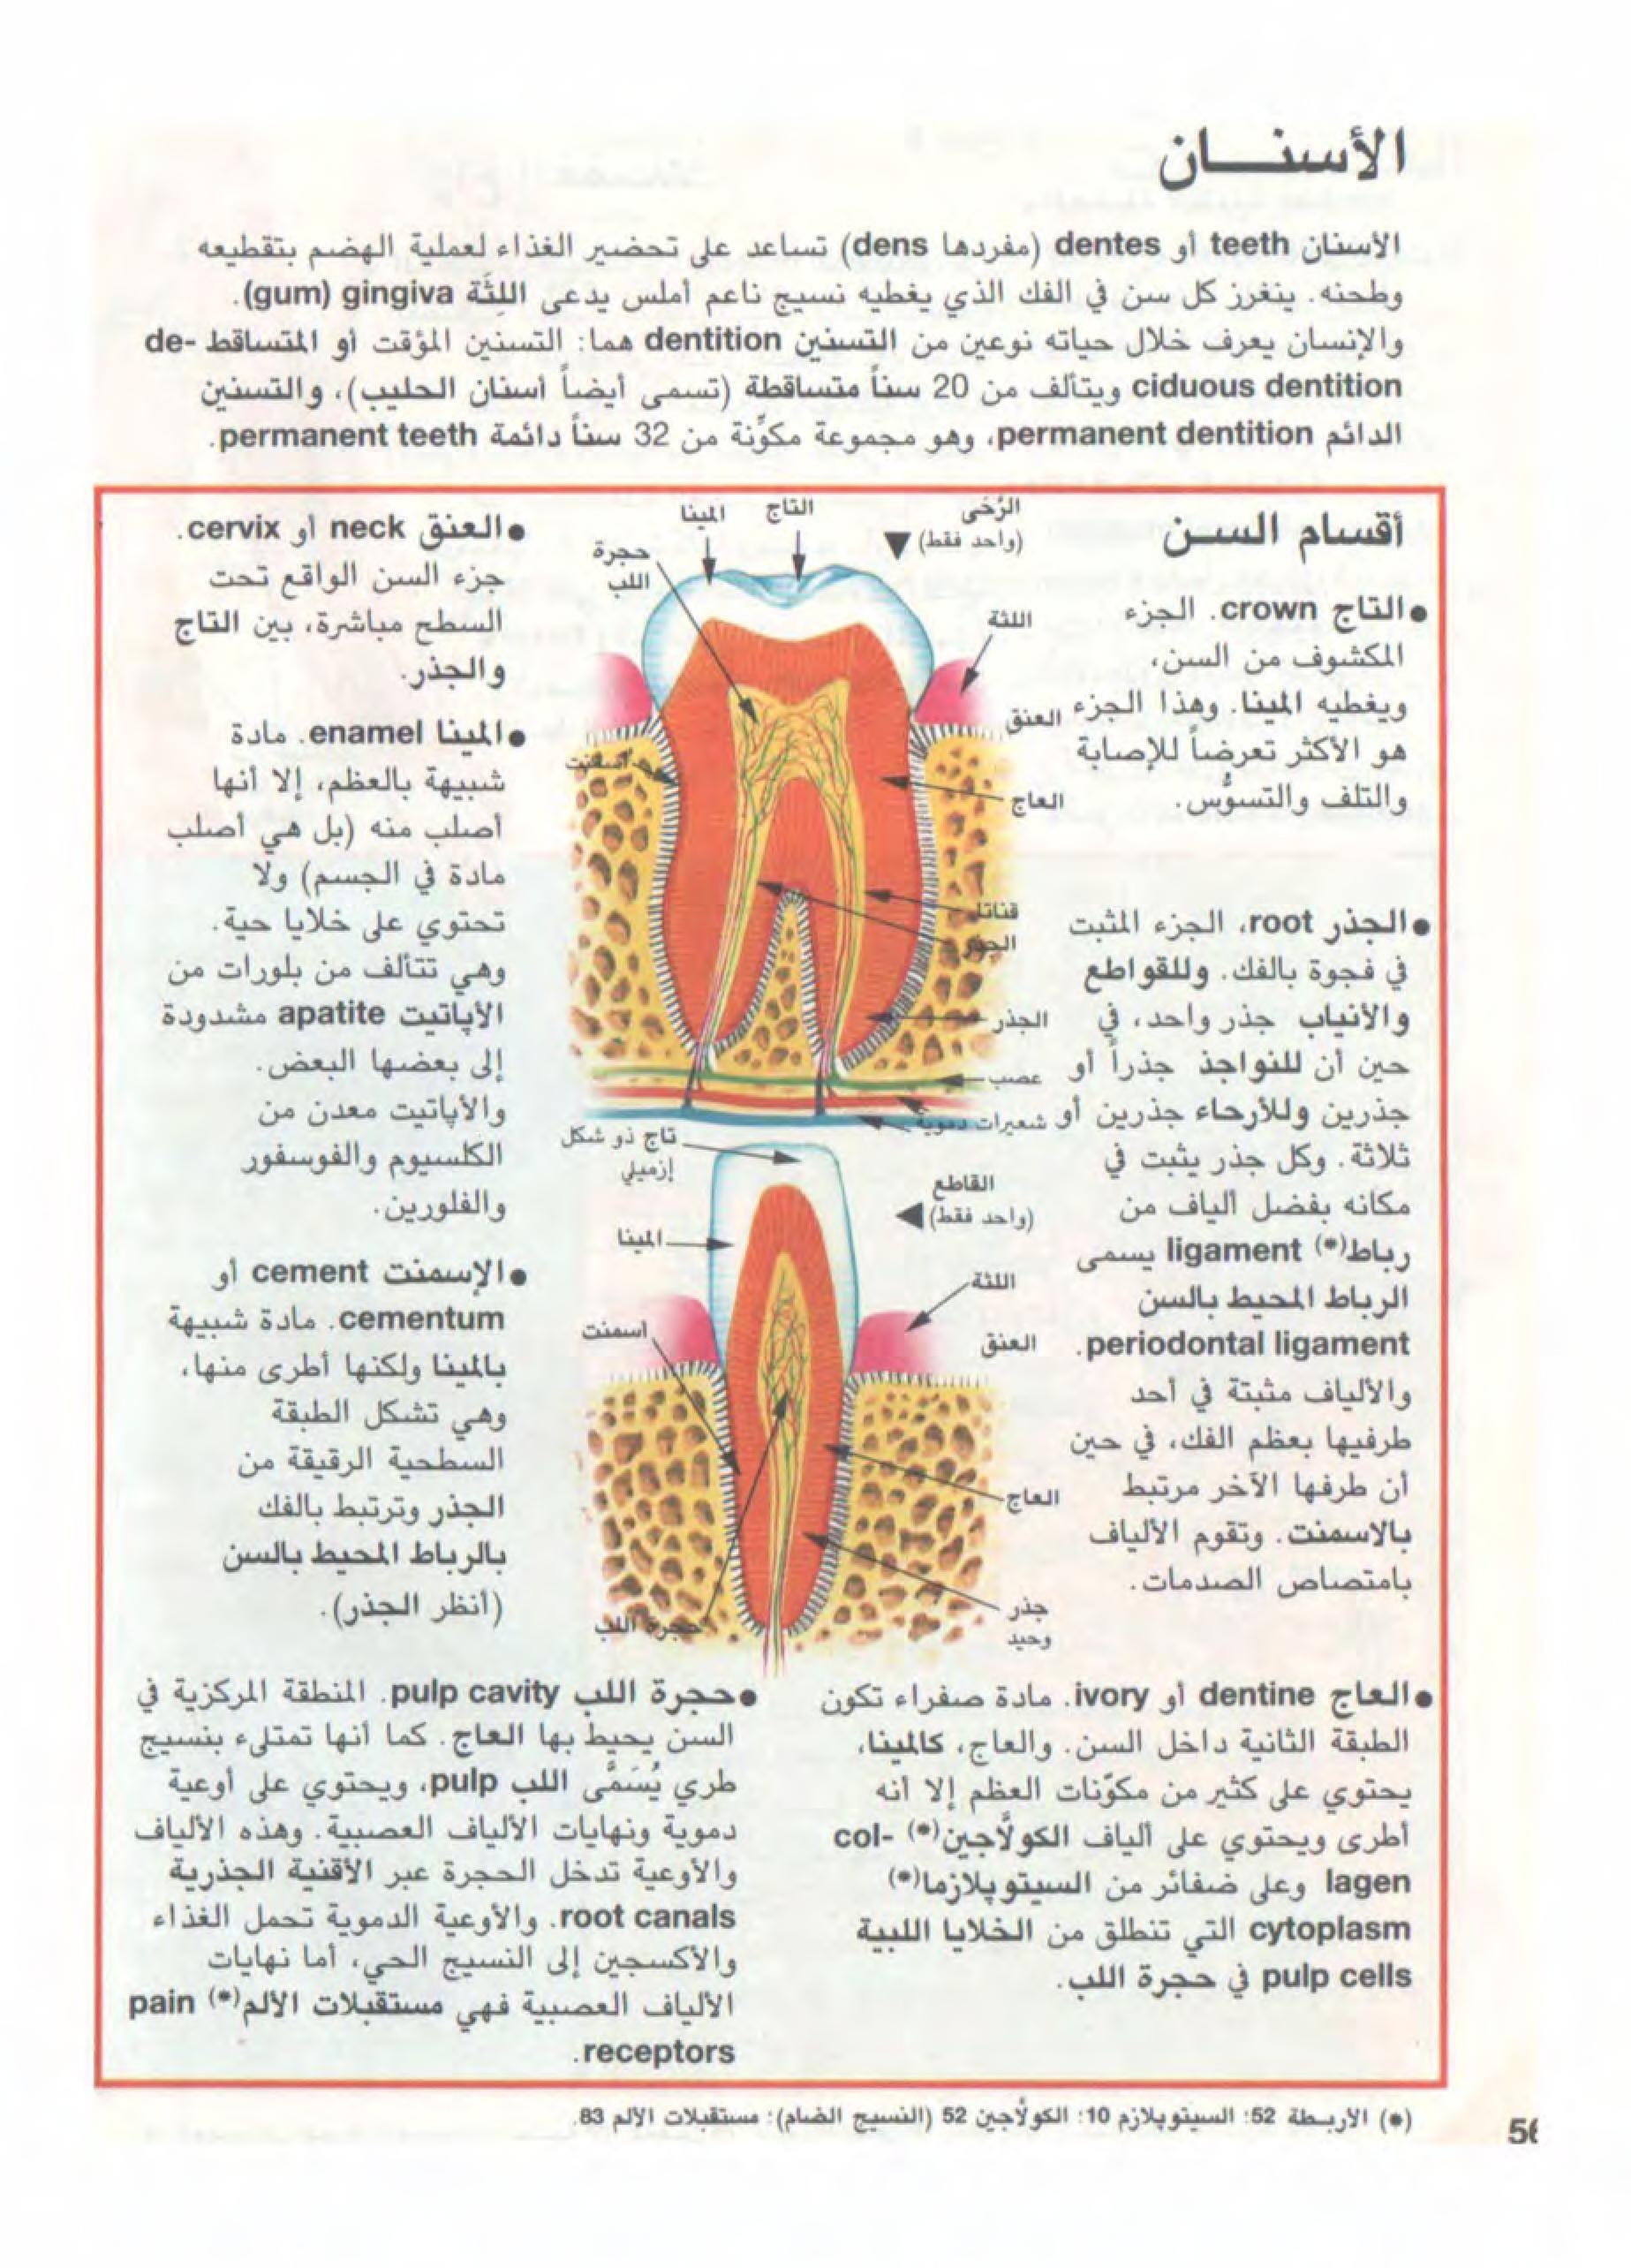 معجم البيولوجيا المصور Free Download Borrow And Streaming Internet Archive Arabic Books Internet Archive Books